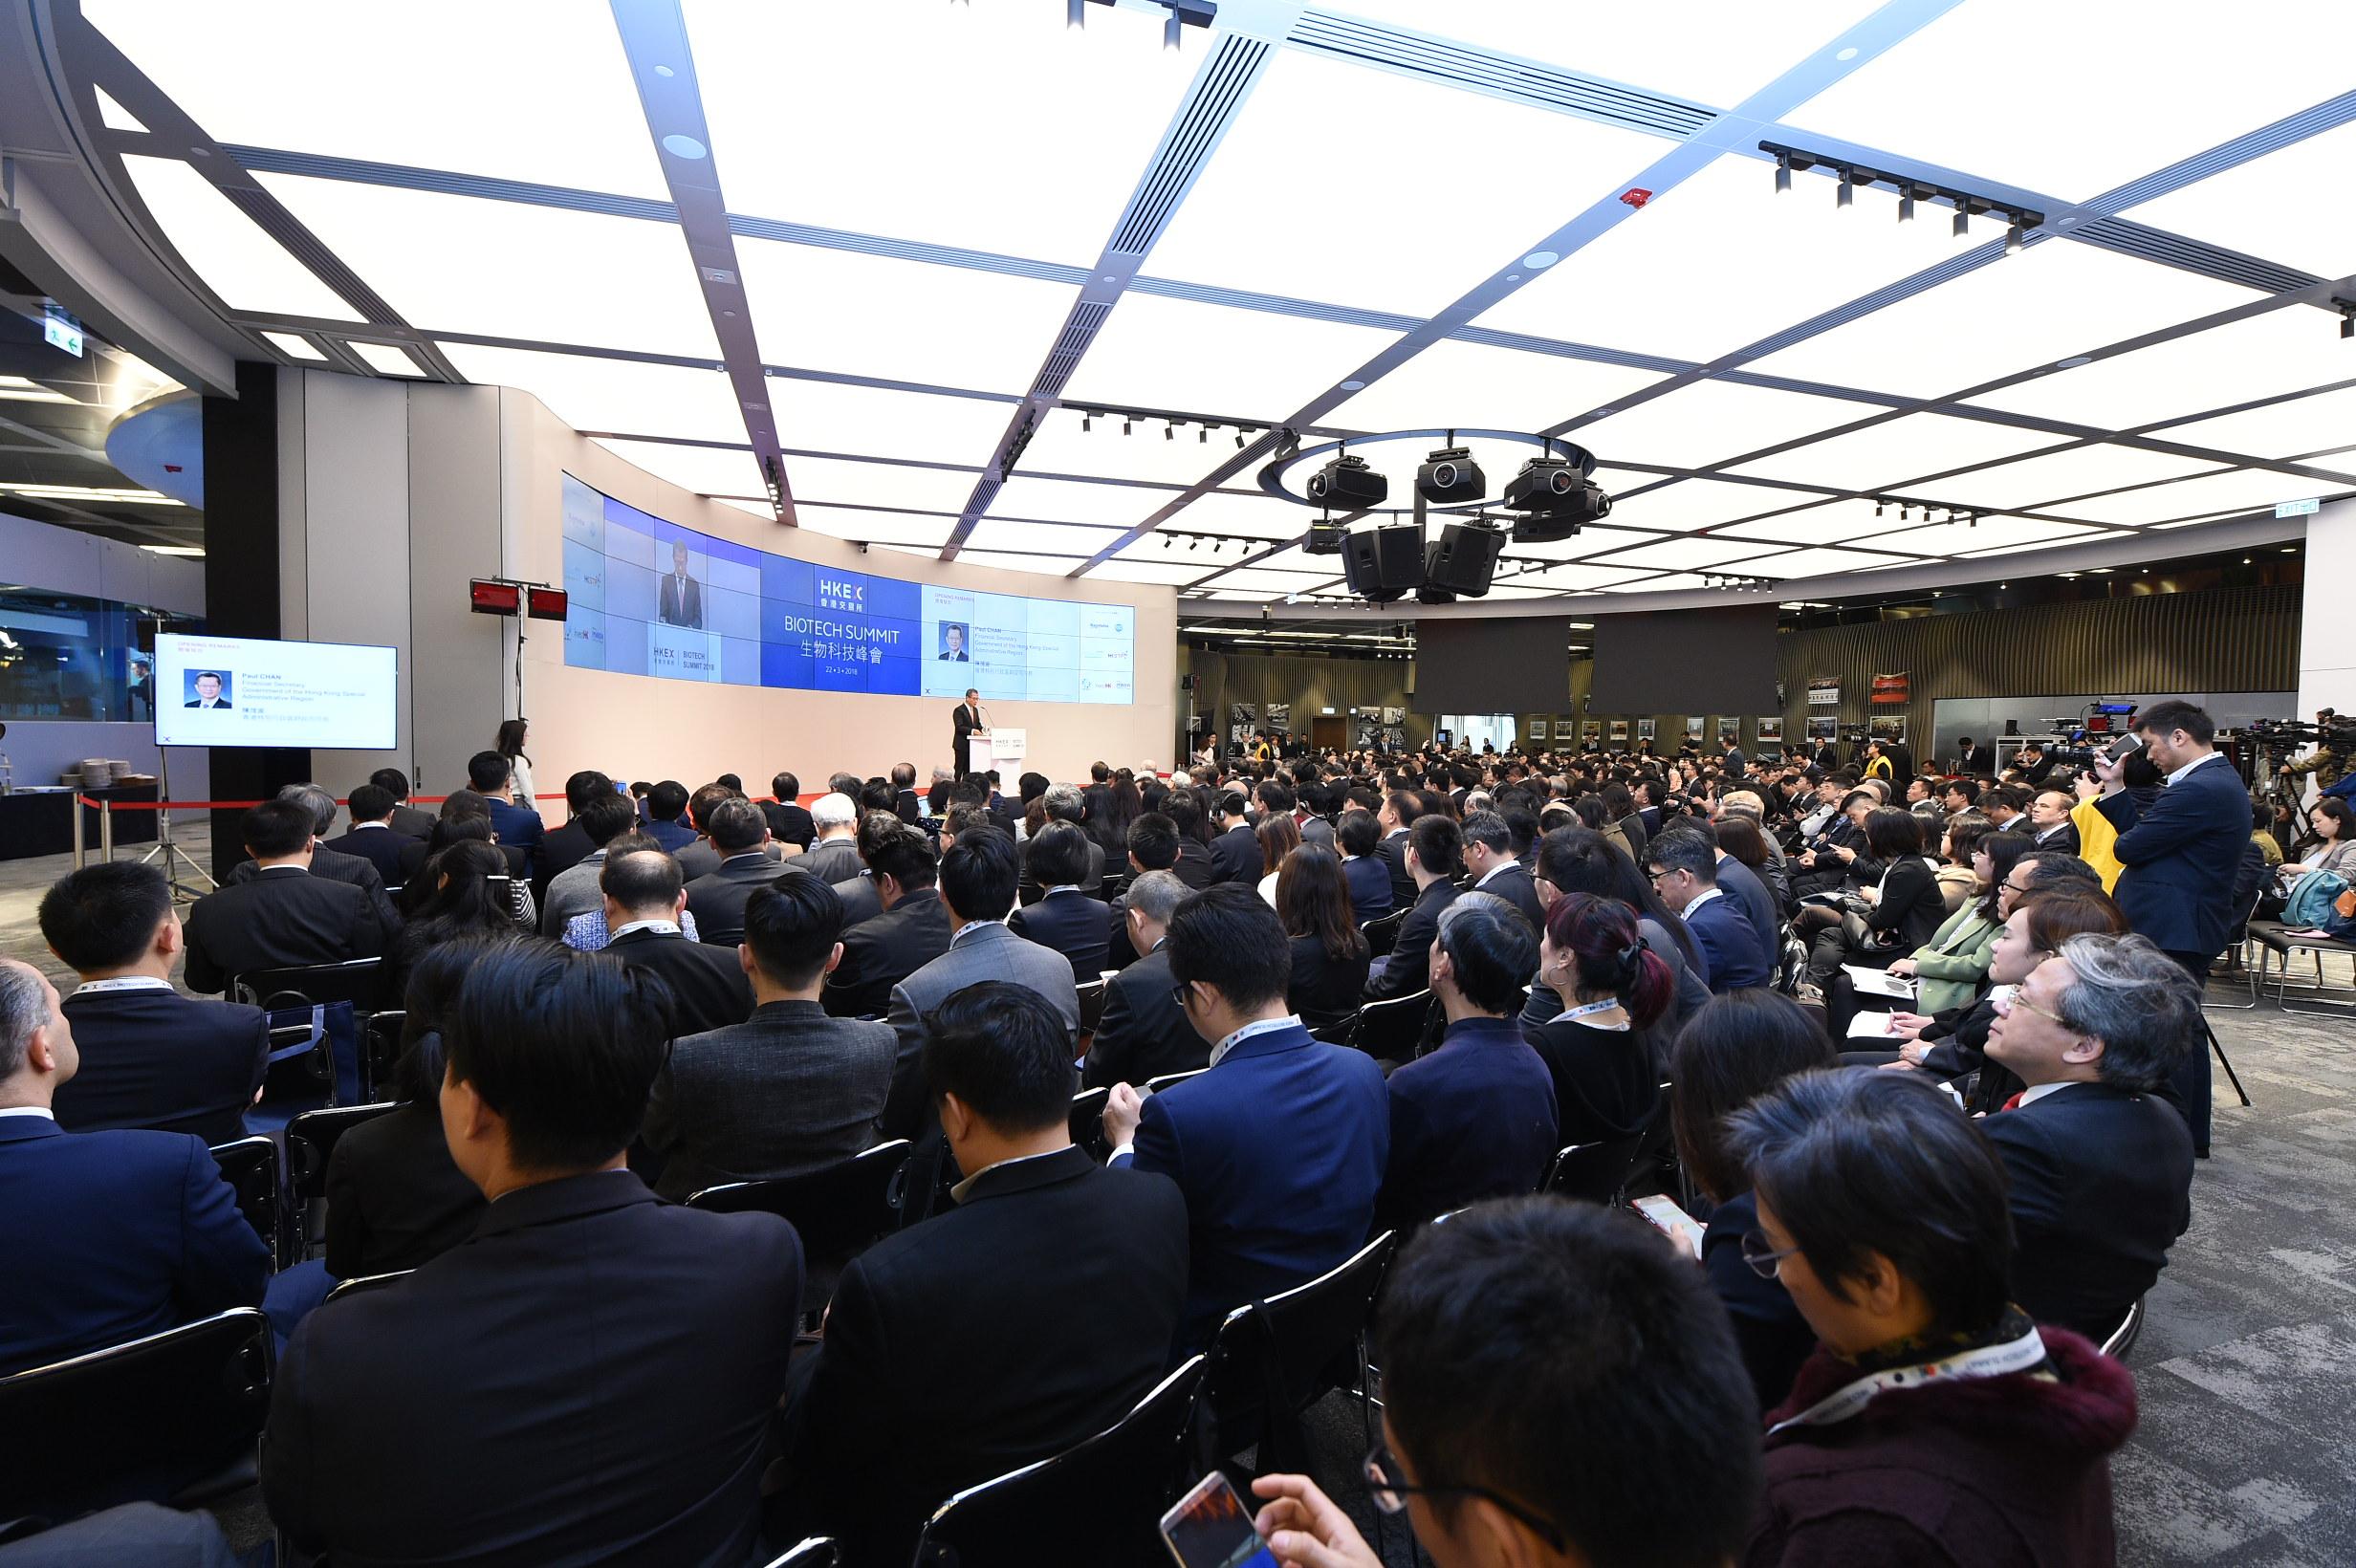 HKEX Biotech Summit 2018